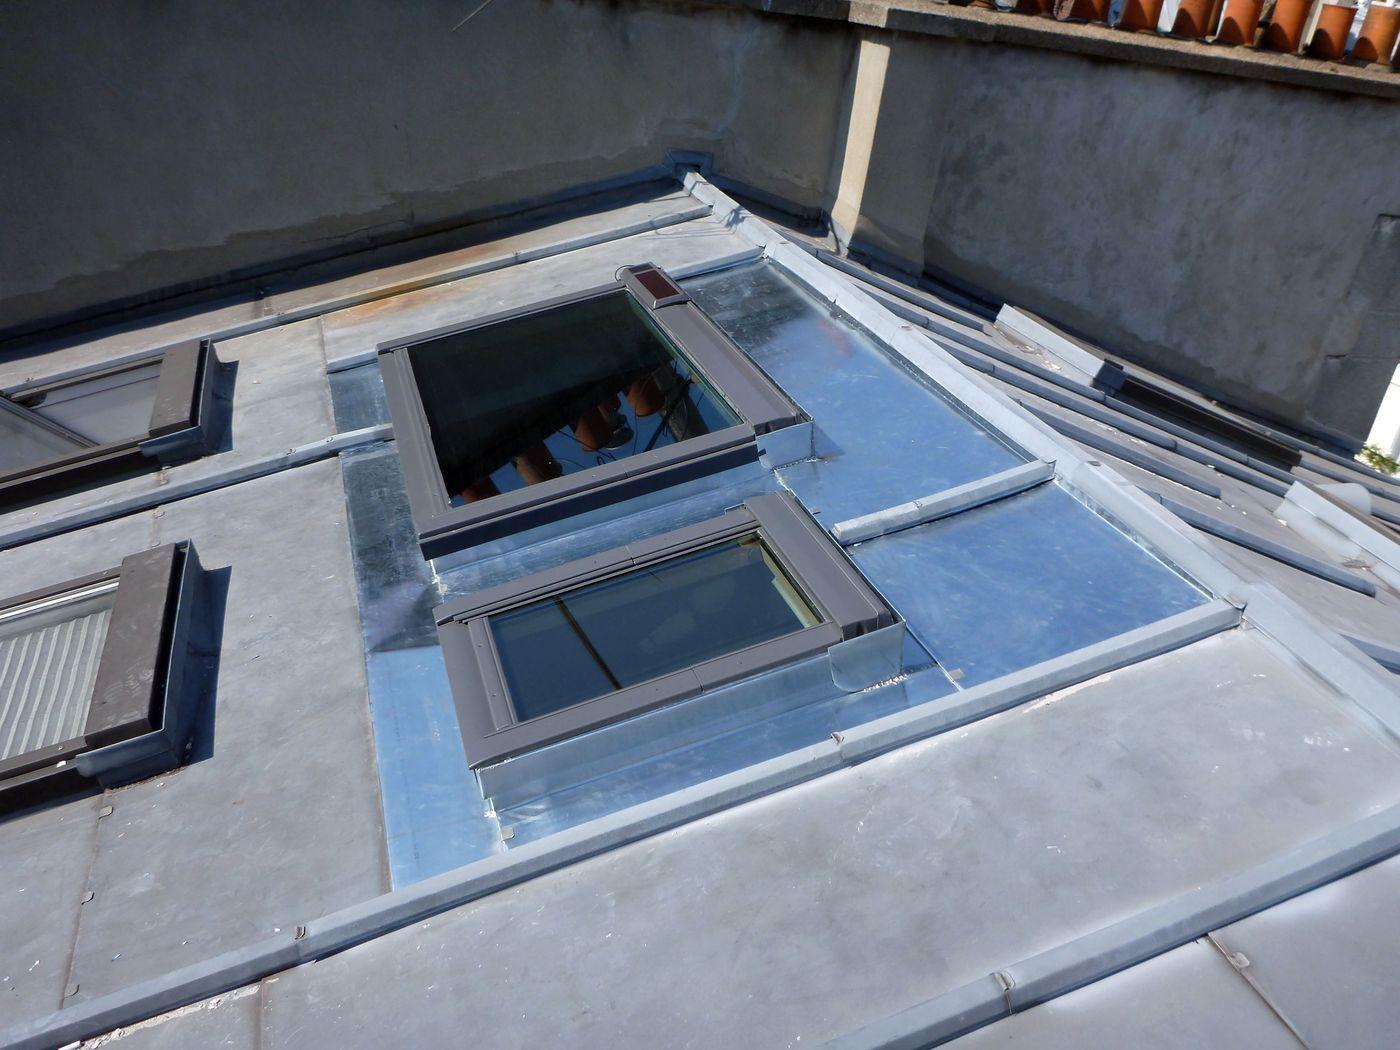 Remplacement D Un Vasistas Par 2 Velux Ck02 Et Uk04 Pour Separer La Piece Velux Pose Velux Salle De Bain